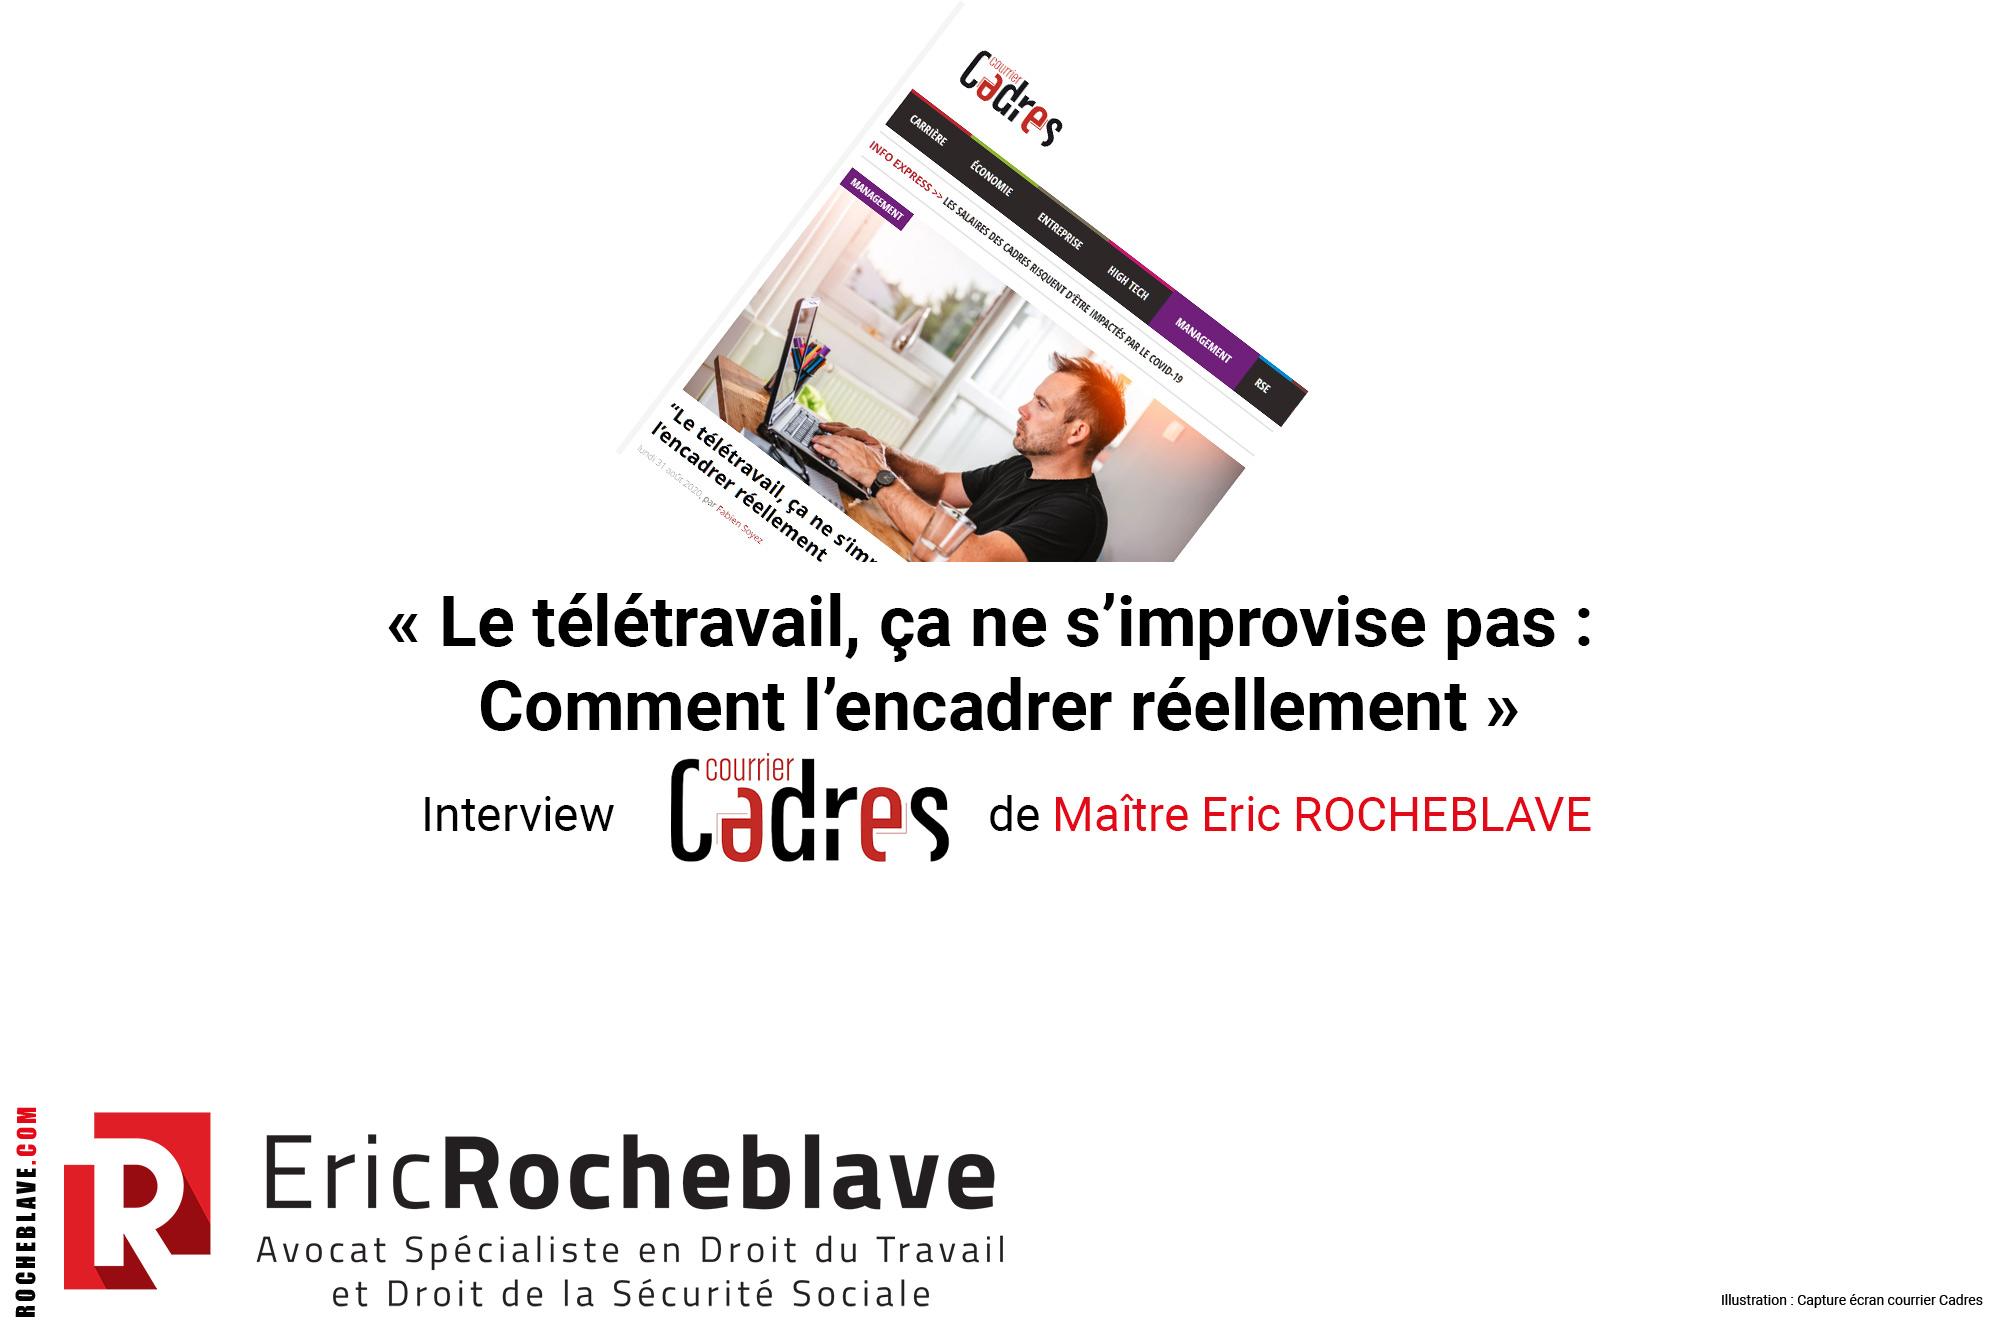 « Le télétravail, ça ne s'improvise pas : comment l'encadrer réellement » Interview Courrier Cadres de Maître Eric ROCHEBLAVE